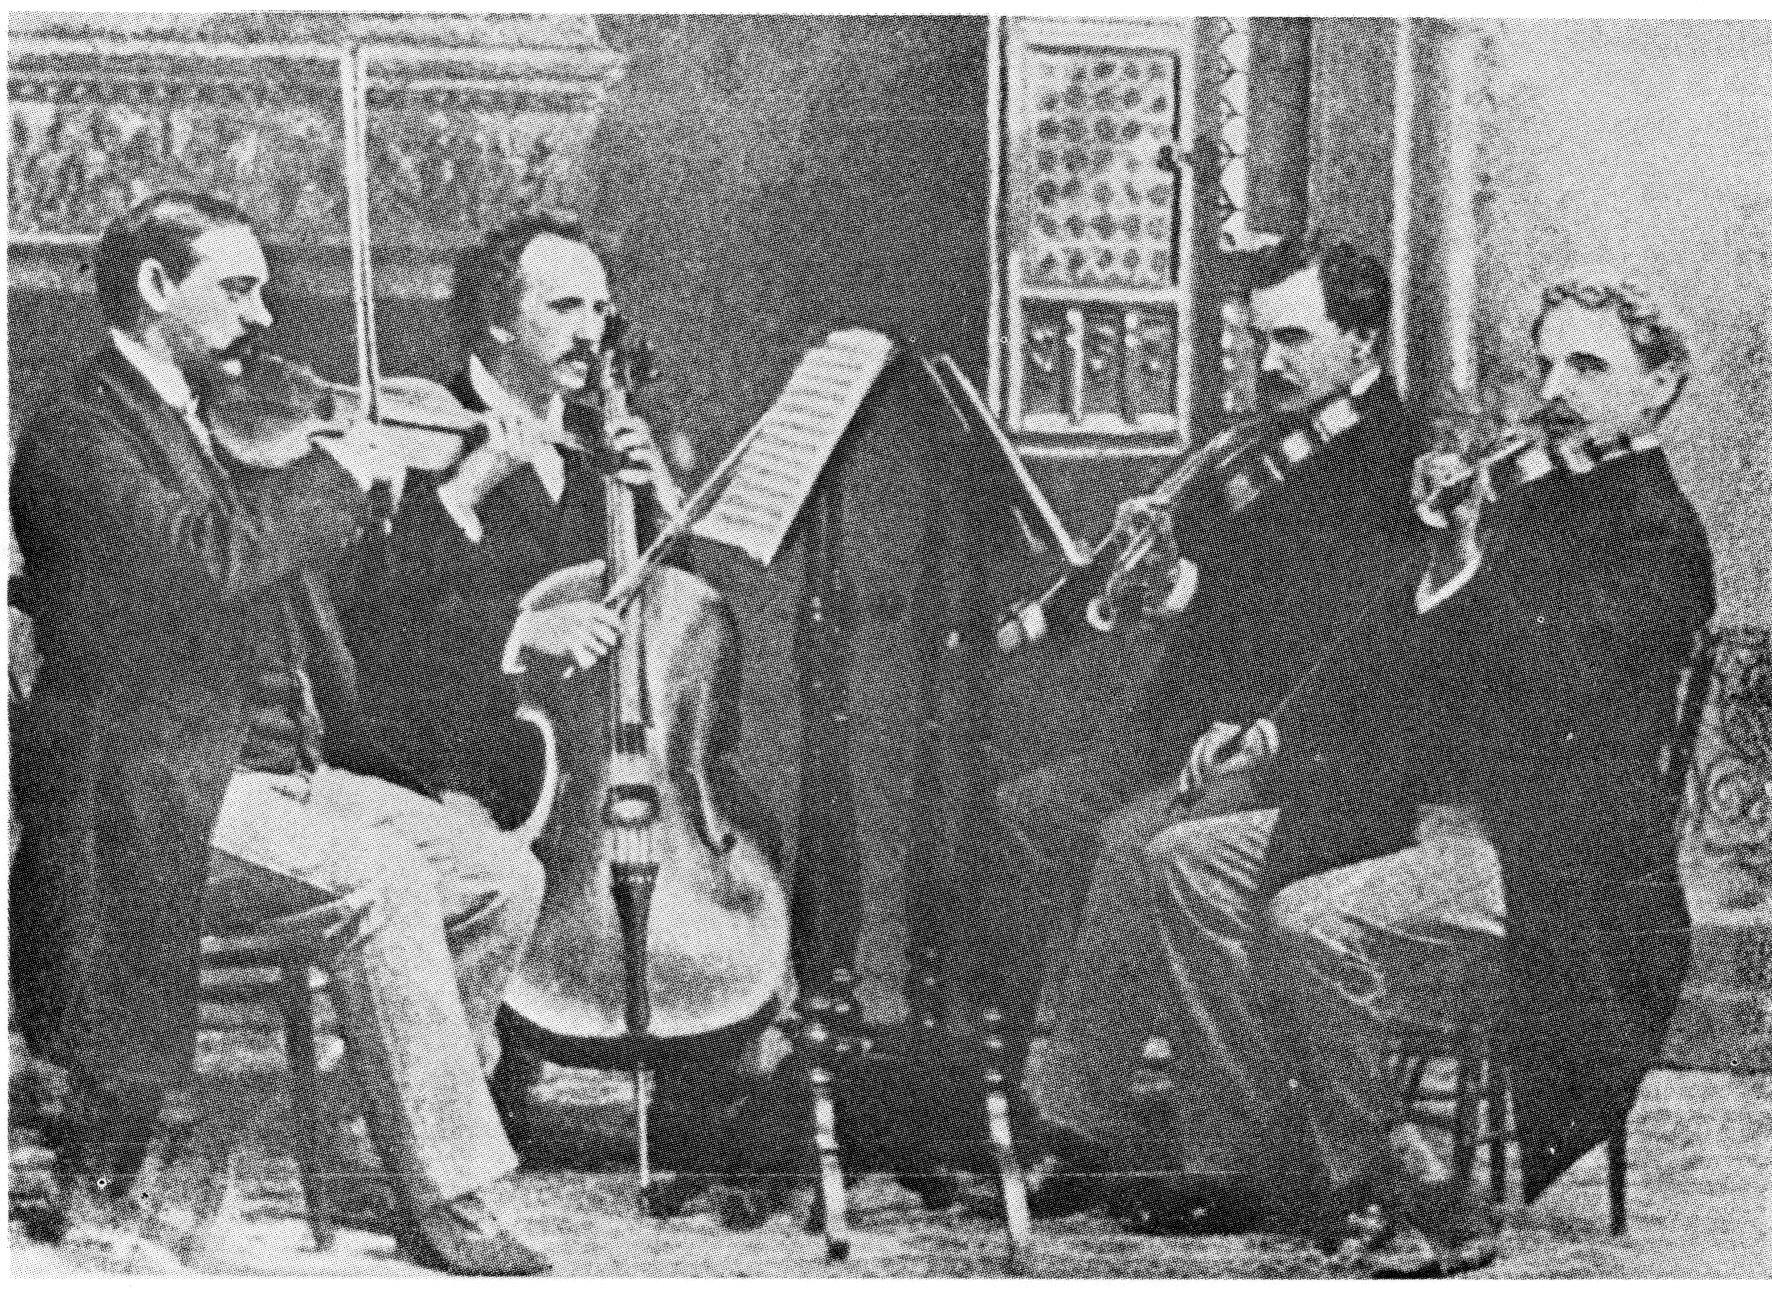 Gruppo musicale  Wikipedia